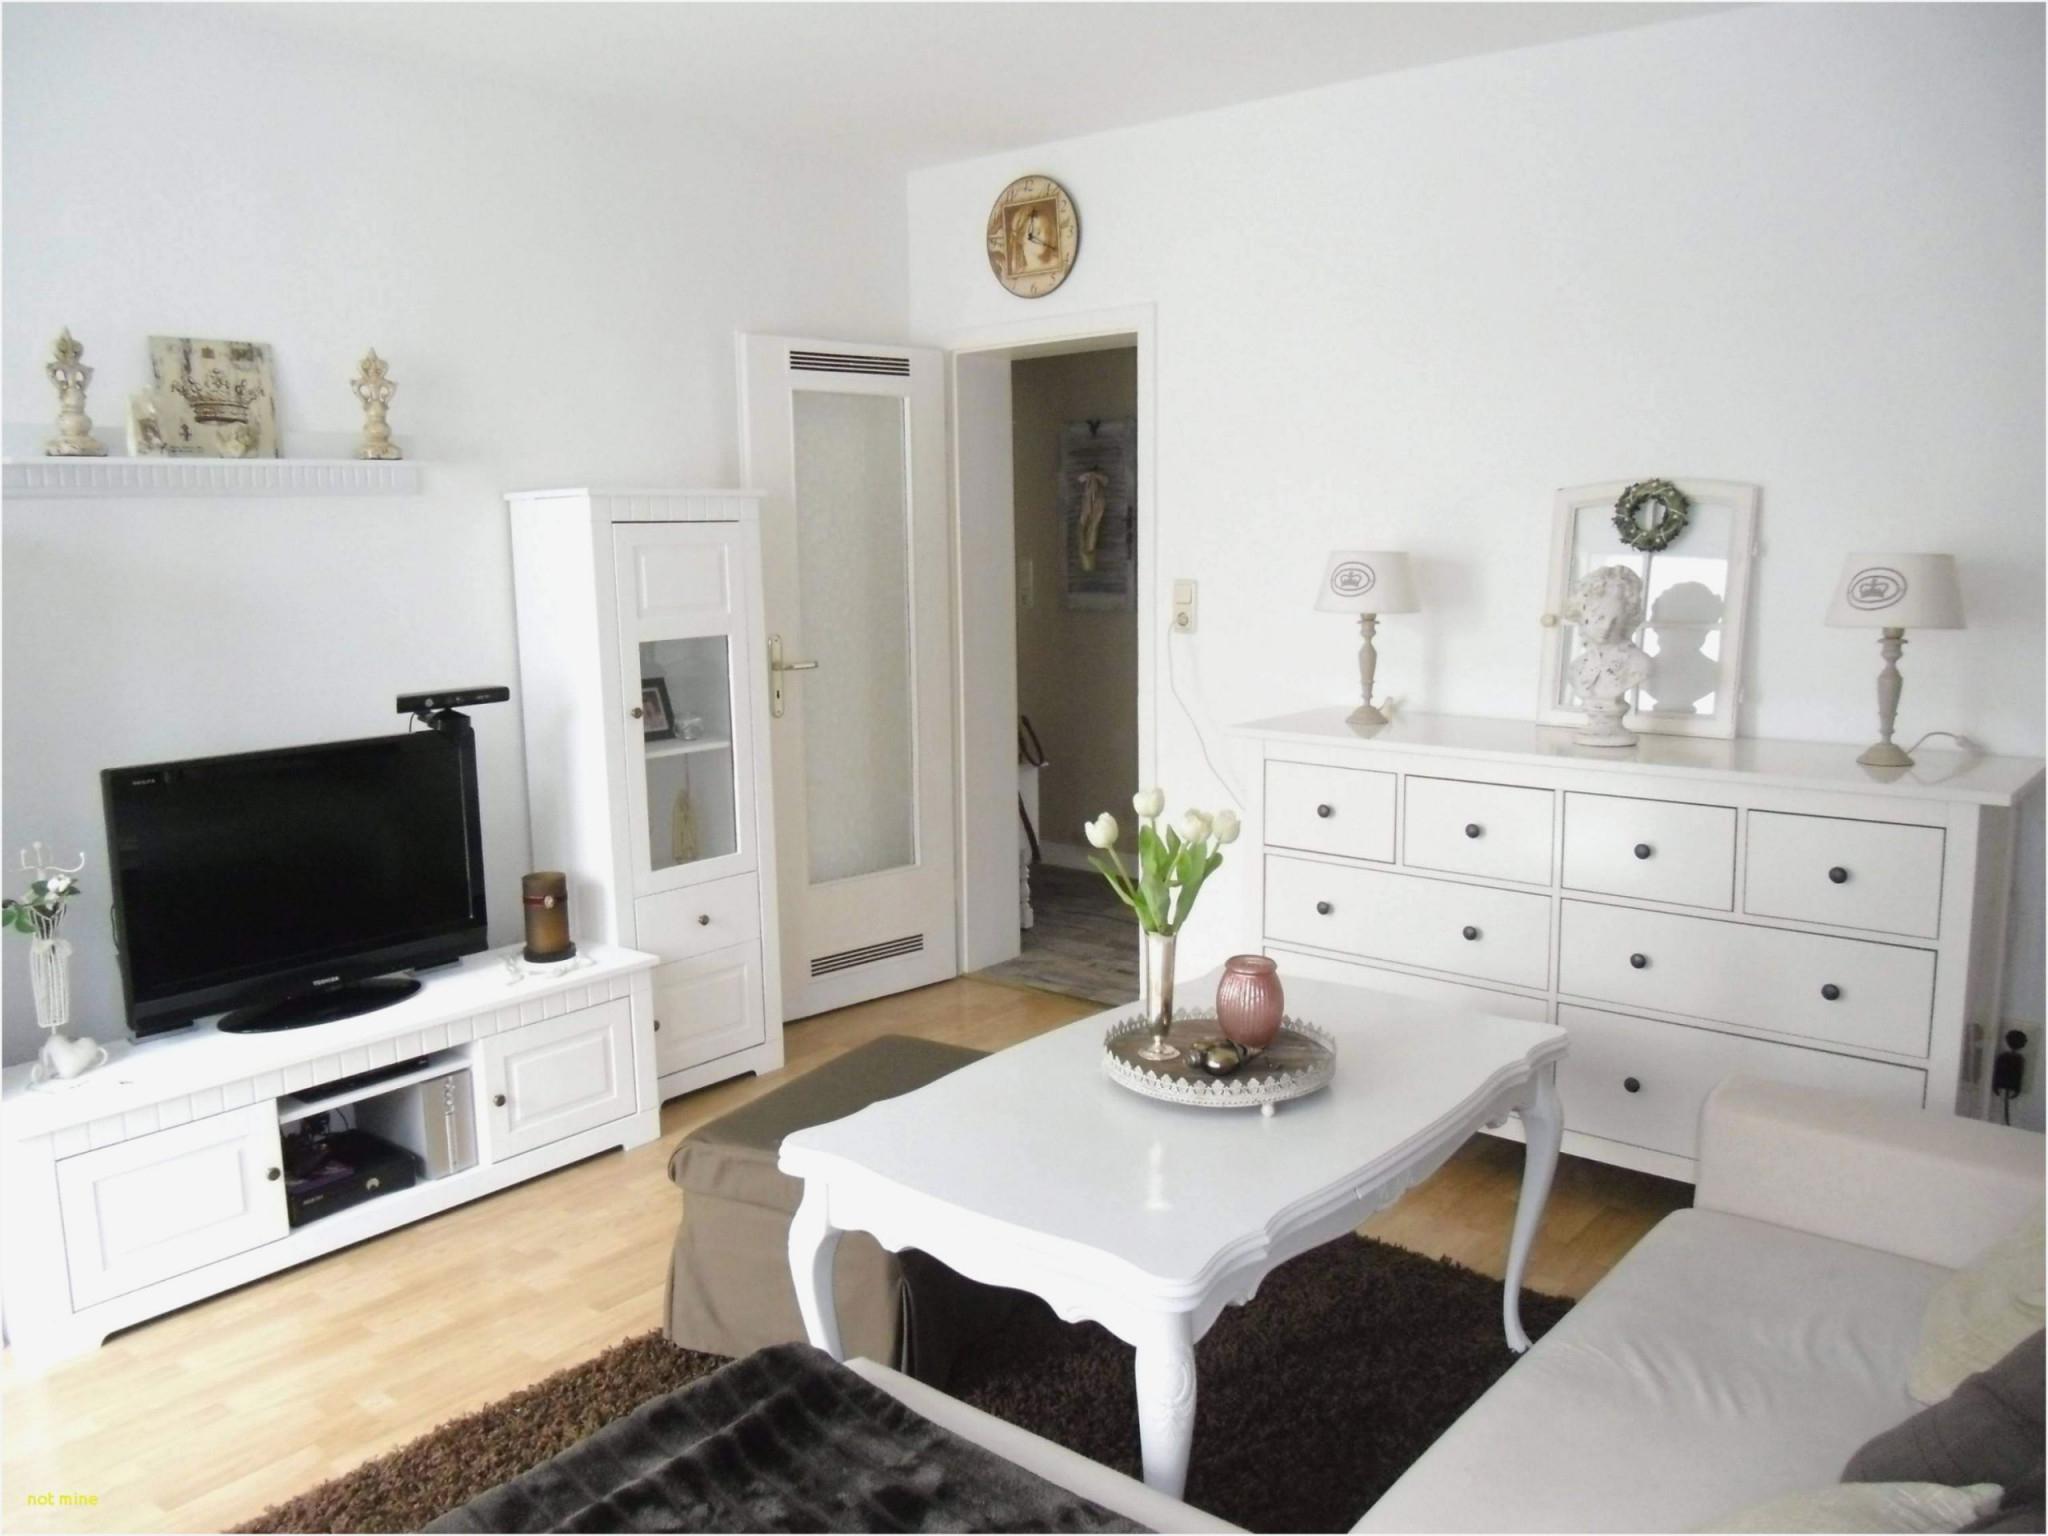 Wohnzimmer Grau Weiss Dekorieren – Caseconrad von Deko Wohnzimmer Weiß Photo